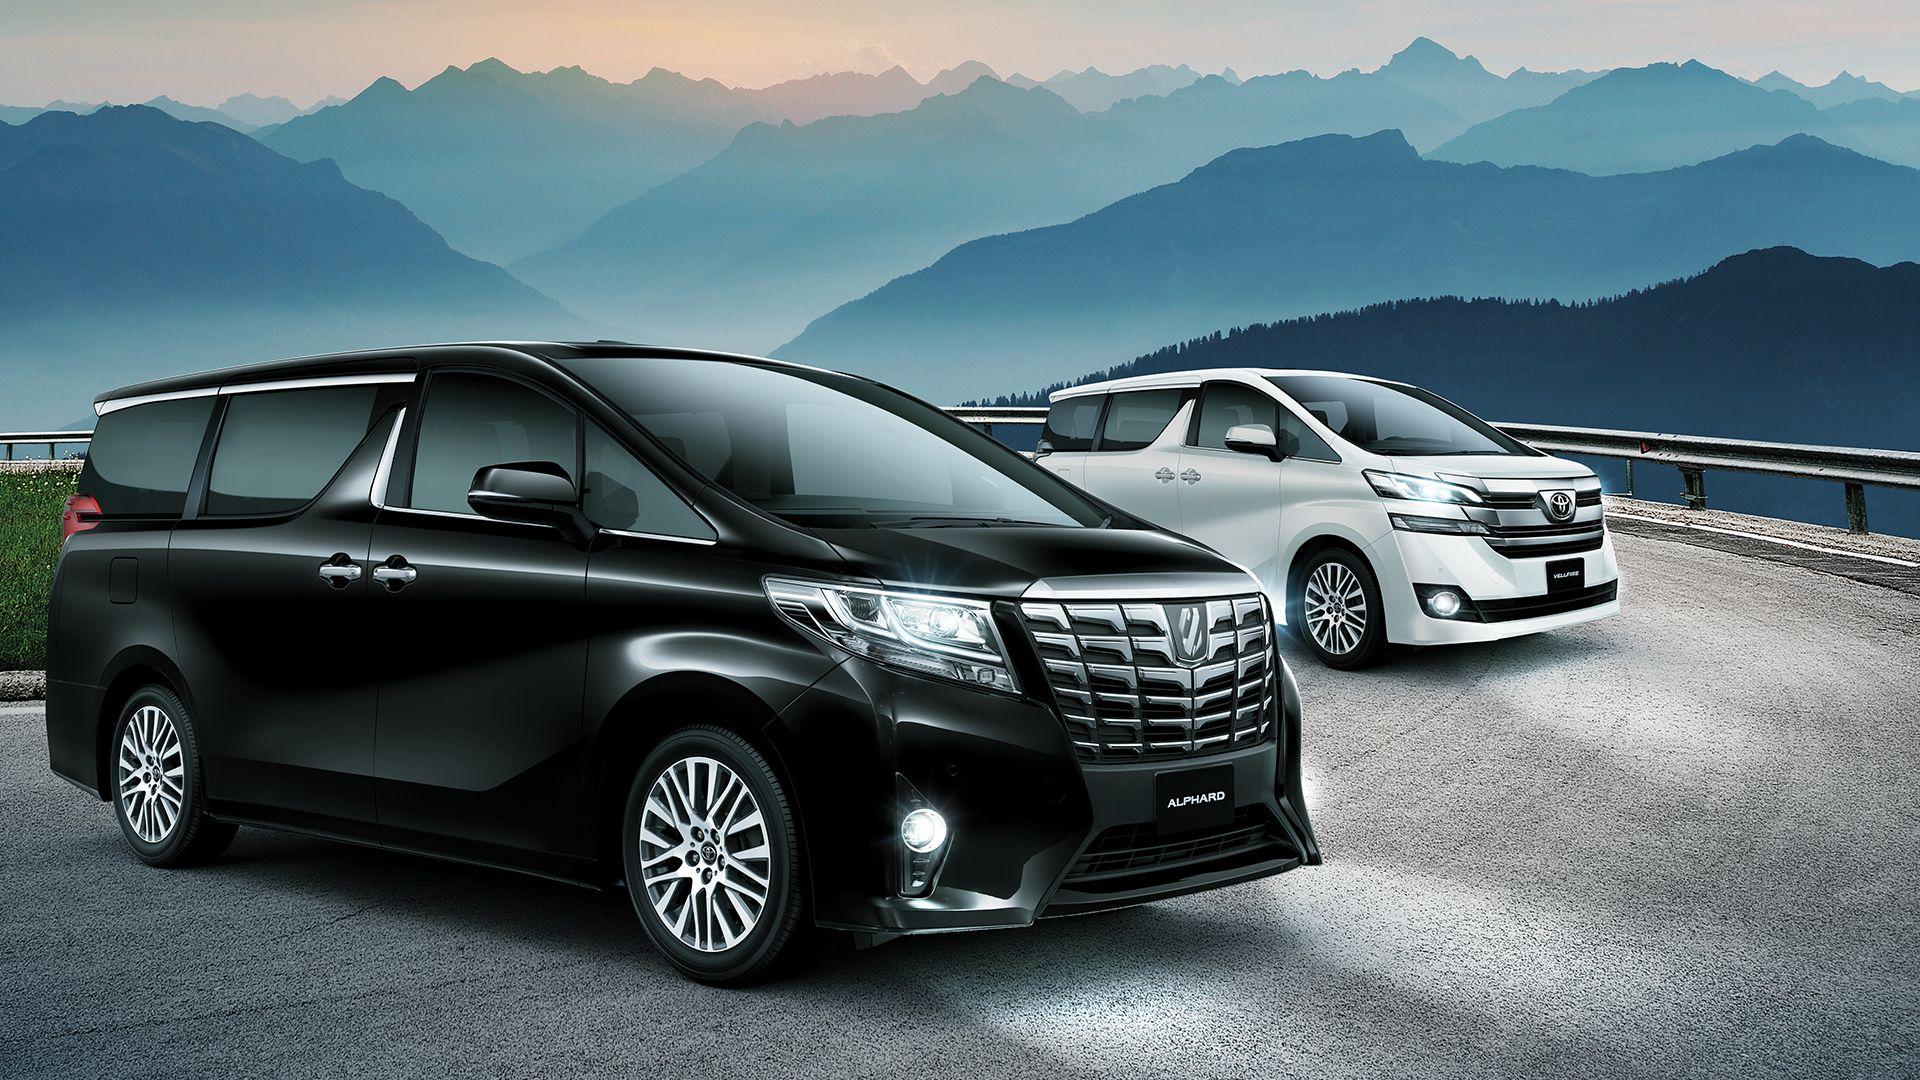 Rental Mobil Mewah di Yogyakarta Terbaru